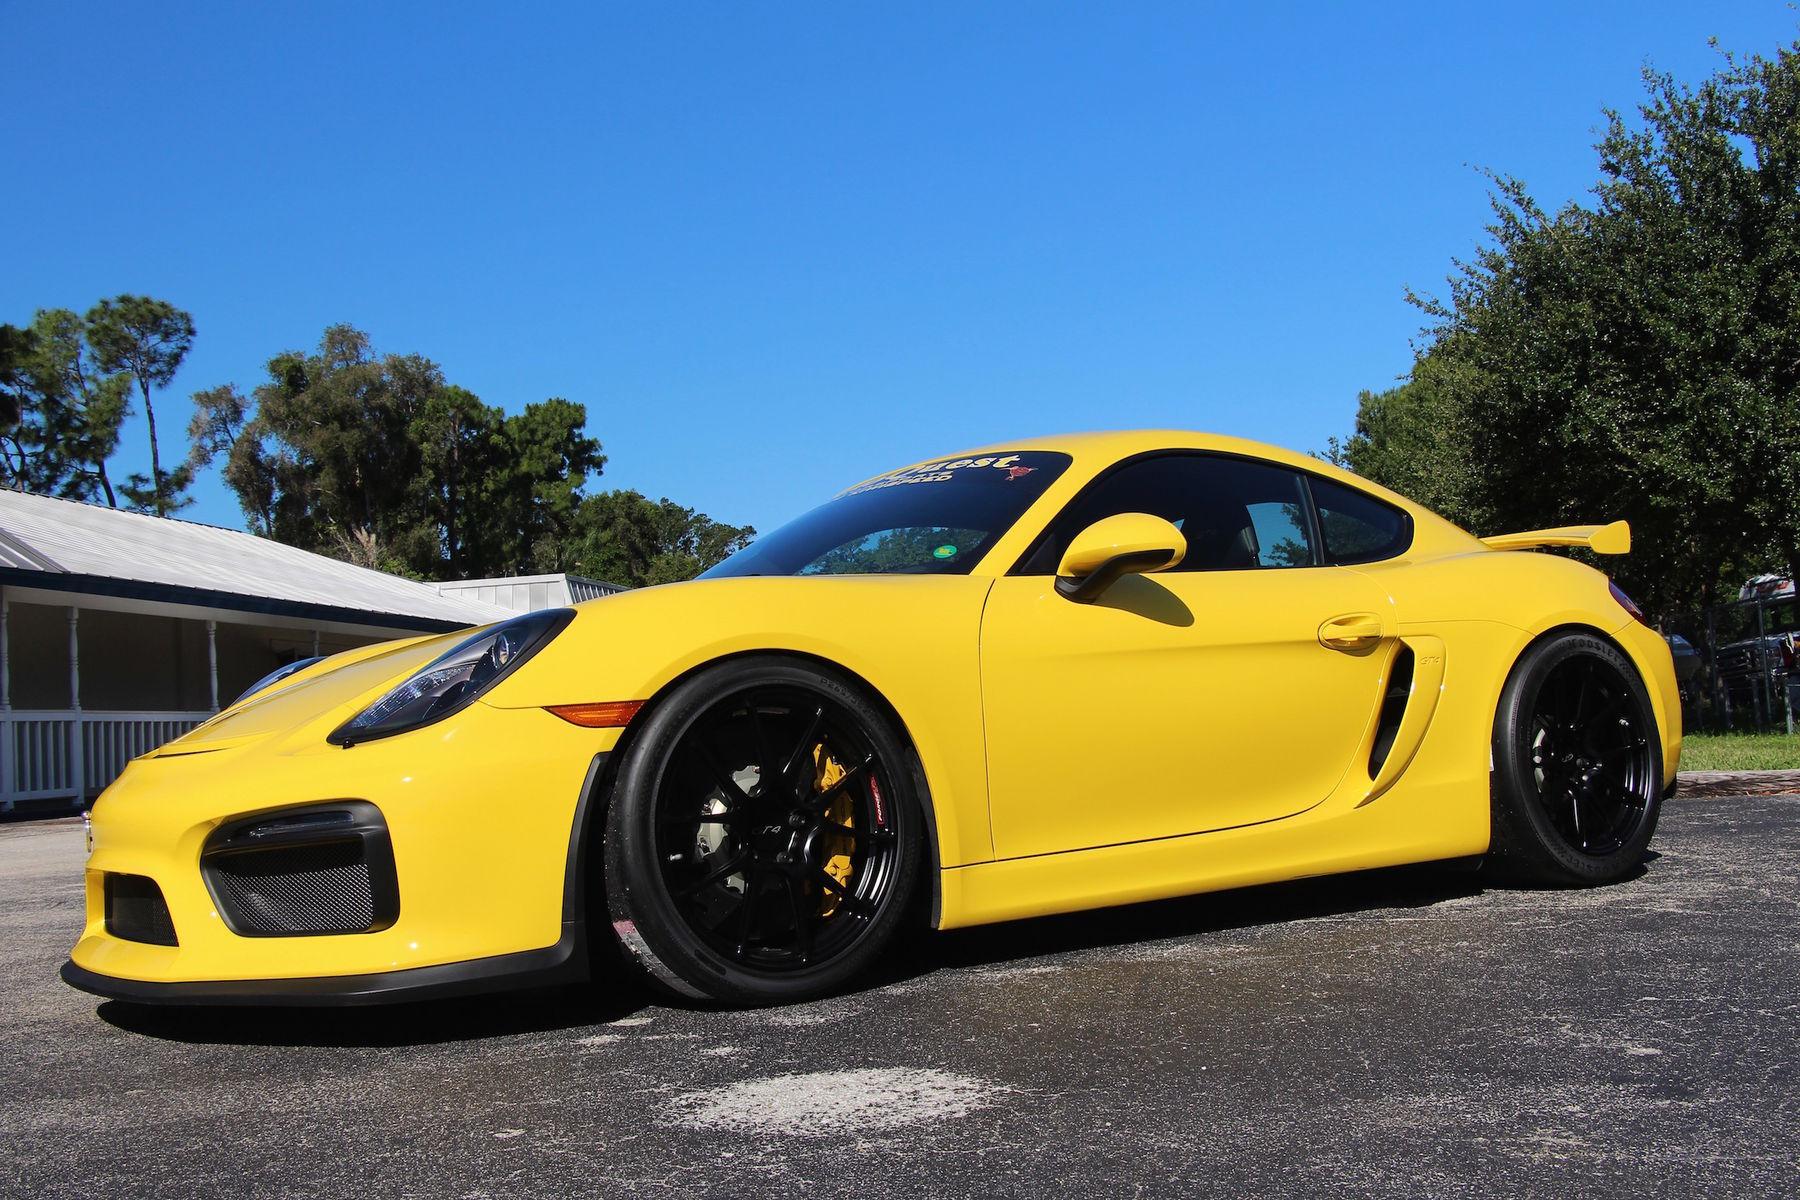 2016 Porsche Cayman | Gavin Riches' AutoQuest Porsche Cayman GT4 on Forgeline One Piece Forged Monoblock GA1R Open Lug Wheels